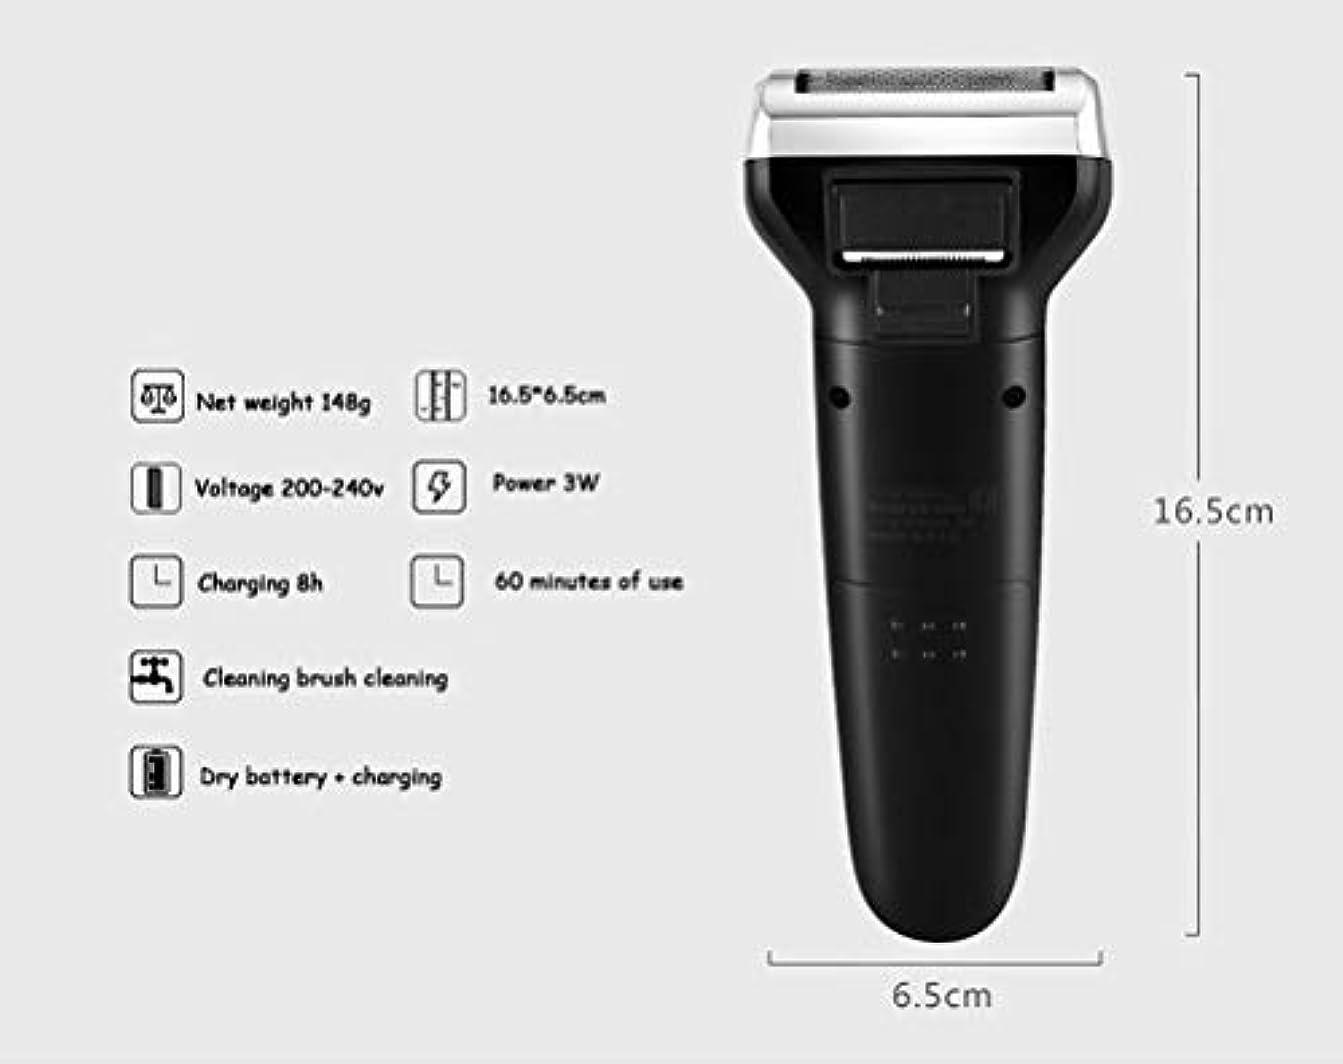 法廷感じるりDiorerr 3イン1往復ヘアバリカンシェーバー鼻毛精密トリマー電動バリカンusb充電理髪ツール